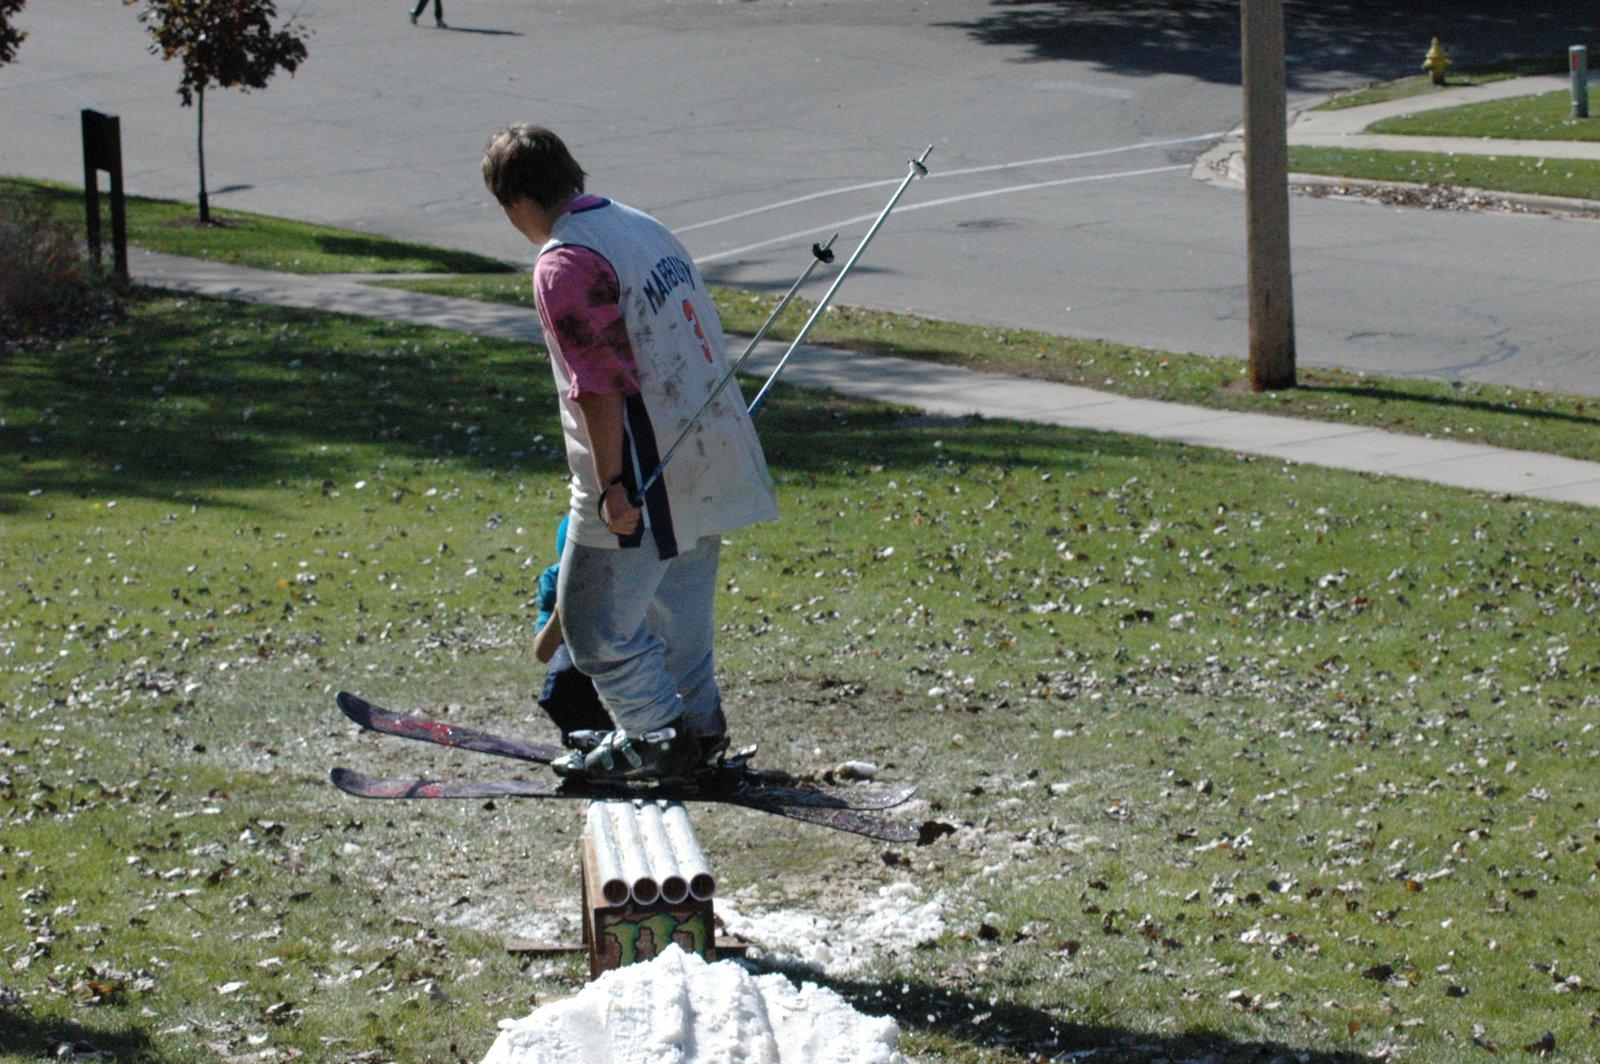 Summer shredding